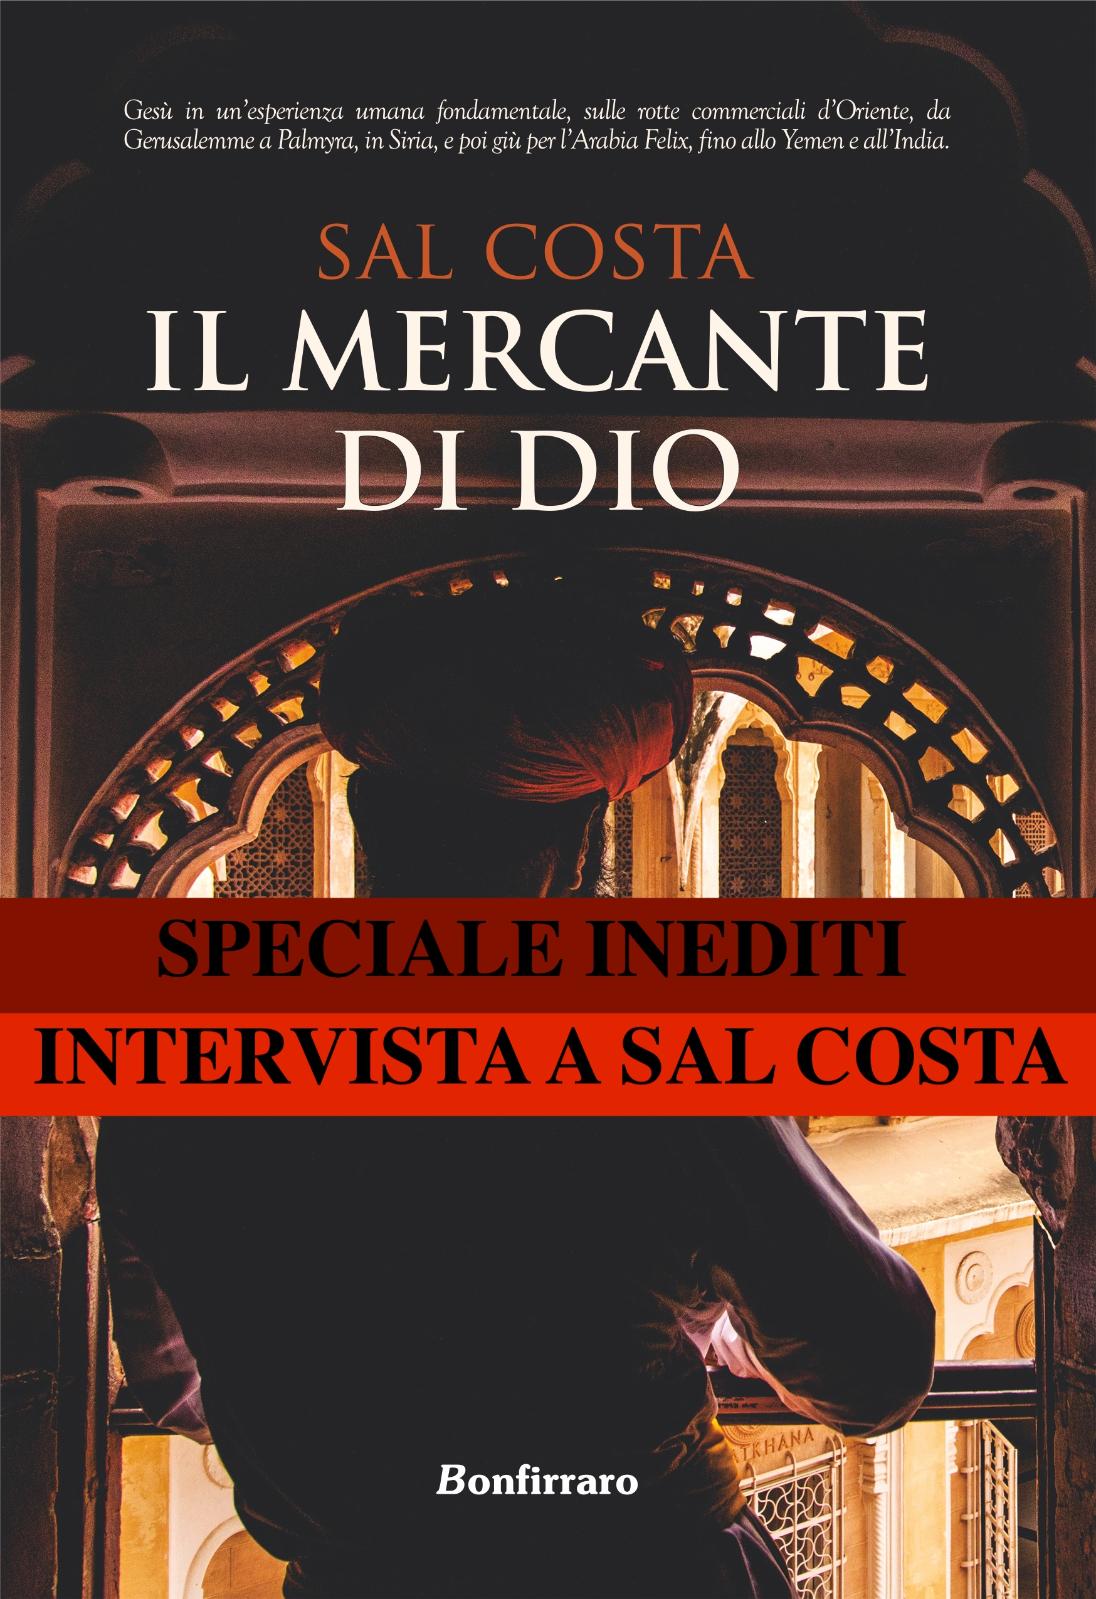 Sal Costa ci racconta il suo Mercante di Dio - Bonfirraro Editore - Le interviste